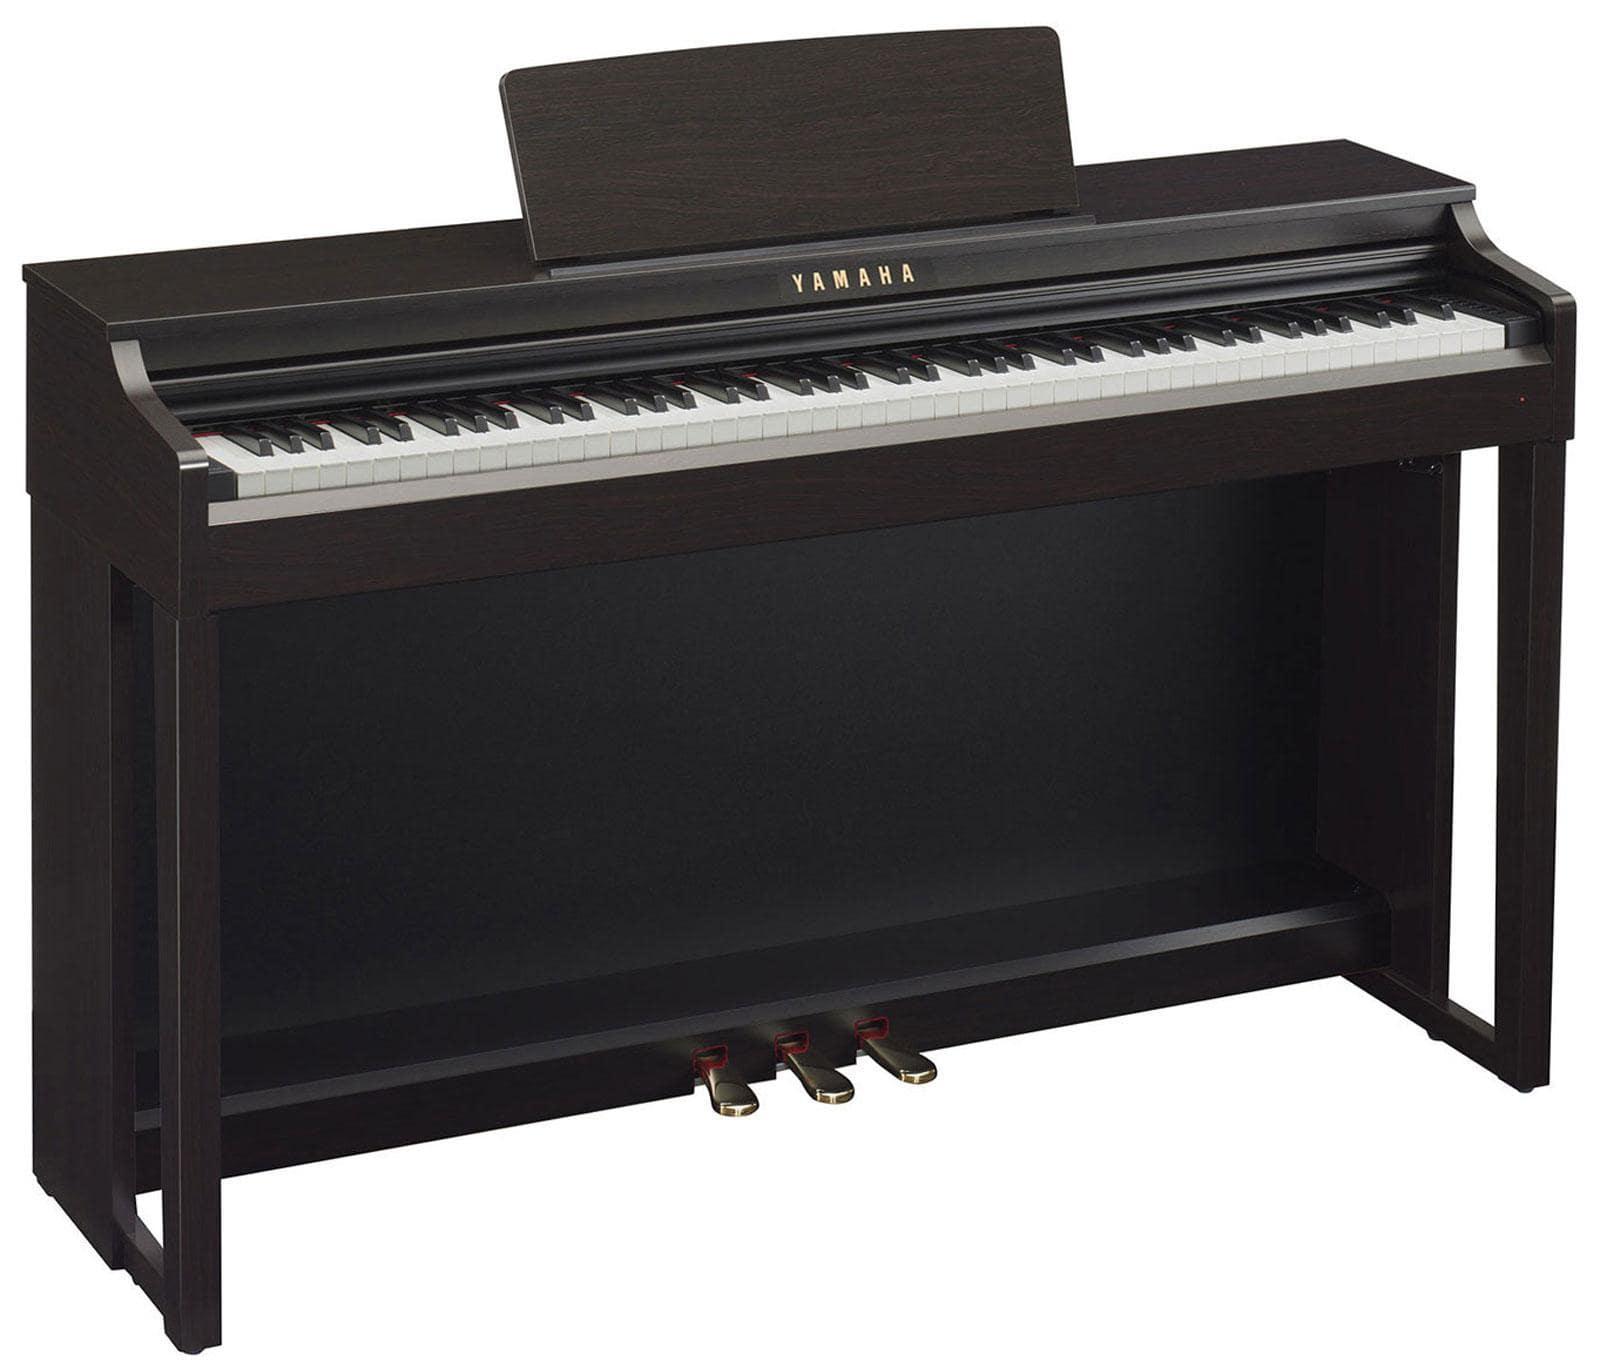 Yamaha clp 625 r digitalpiano rosenholz for Yamaha clp 625